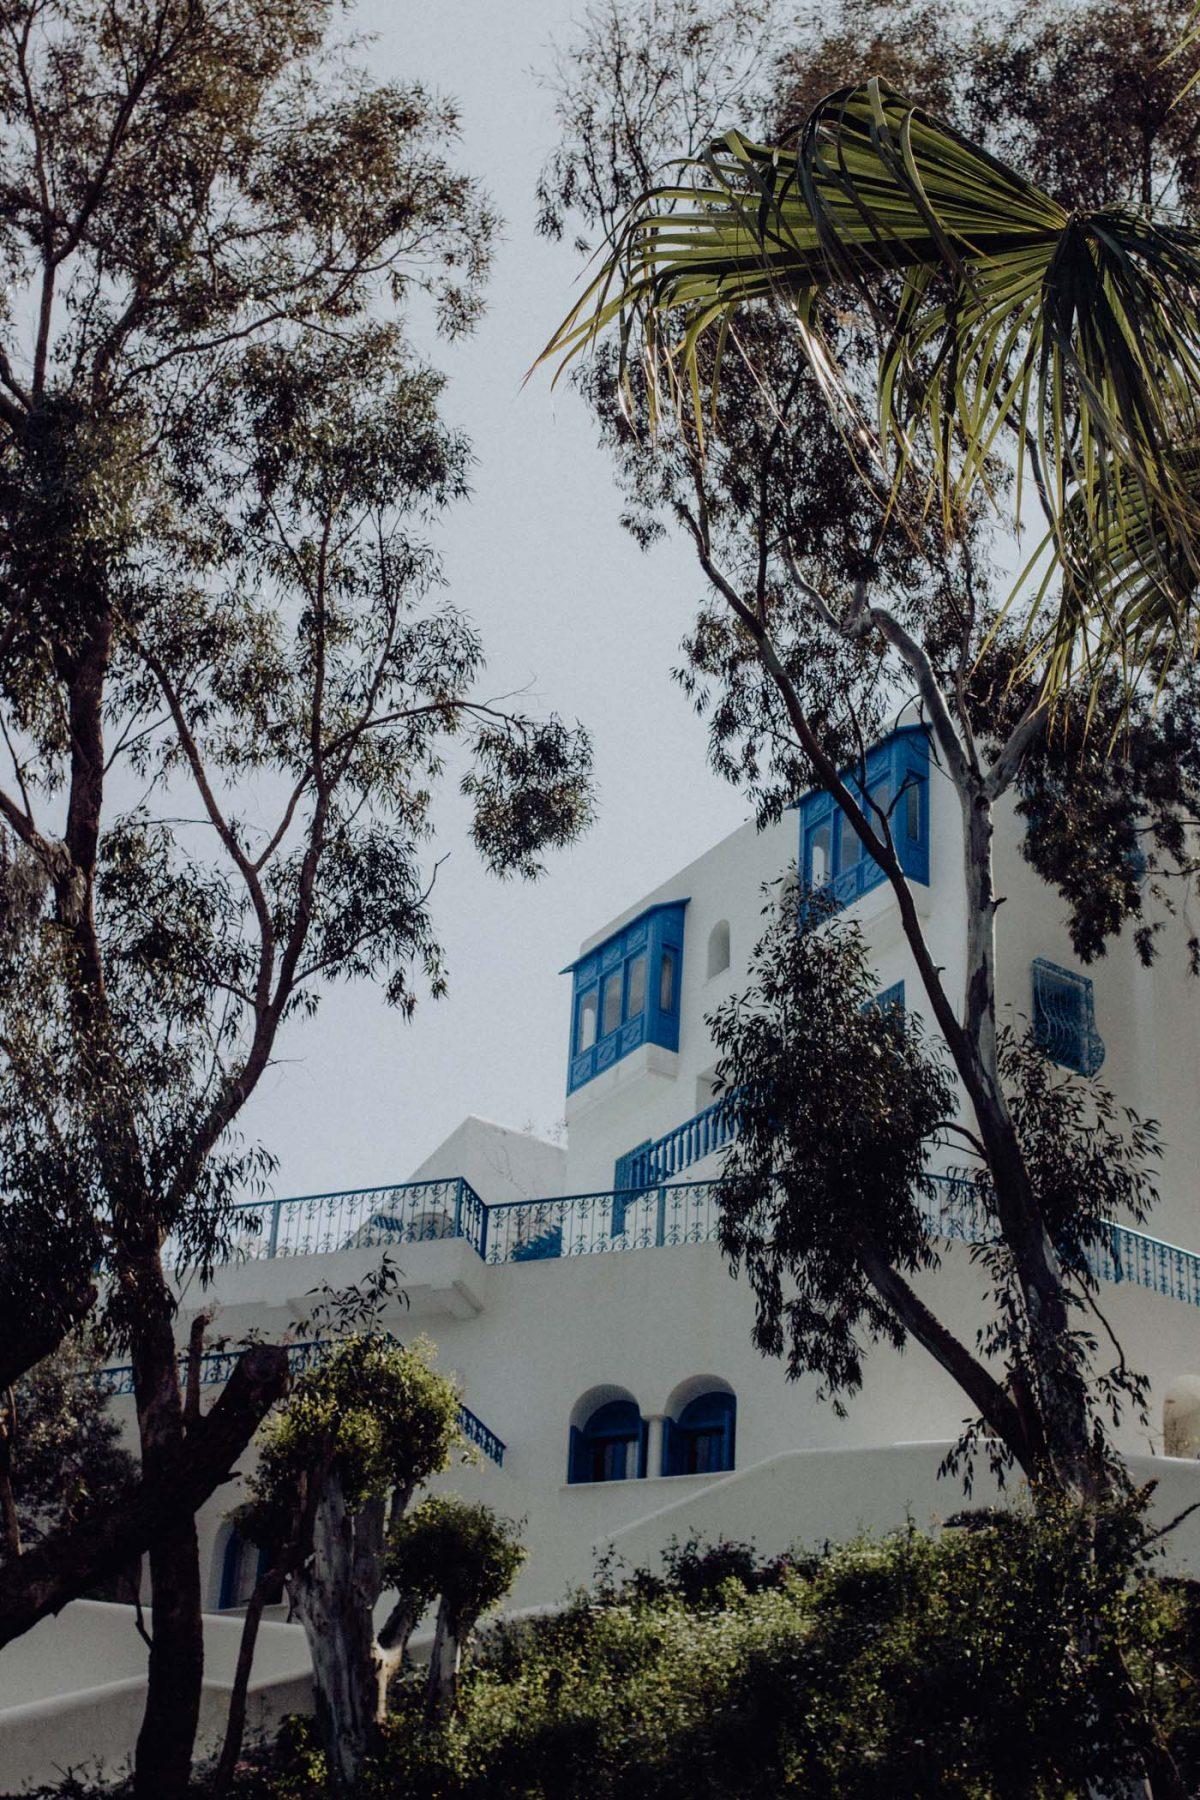 Balade en famille à Sidi Bou Saïd en Tunisie | La Mariée Sous Les Etoiles